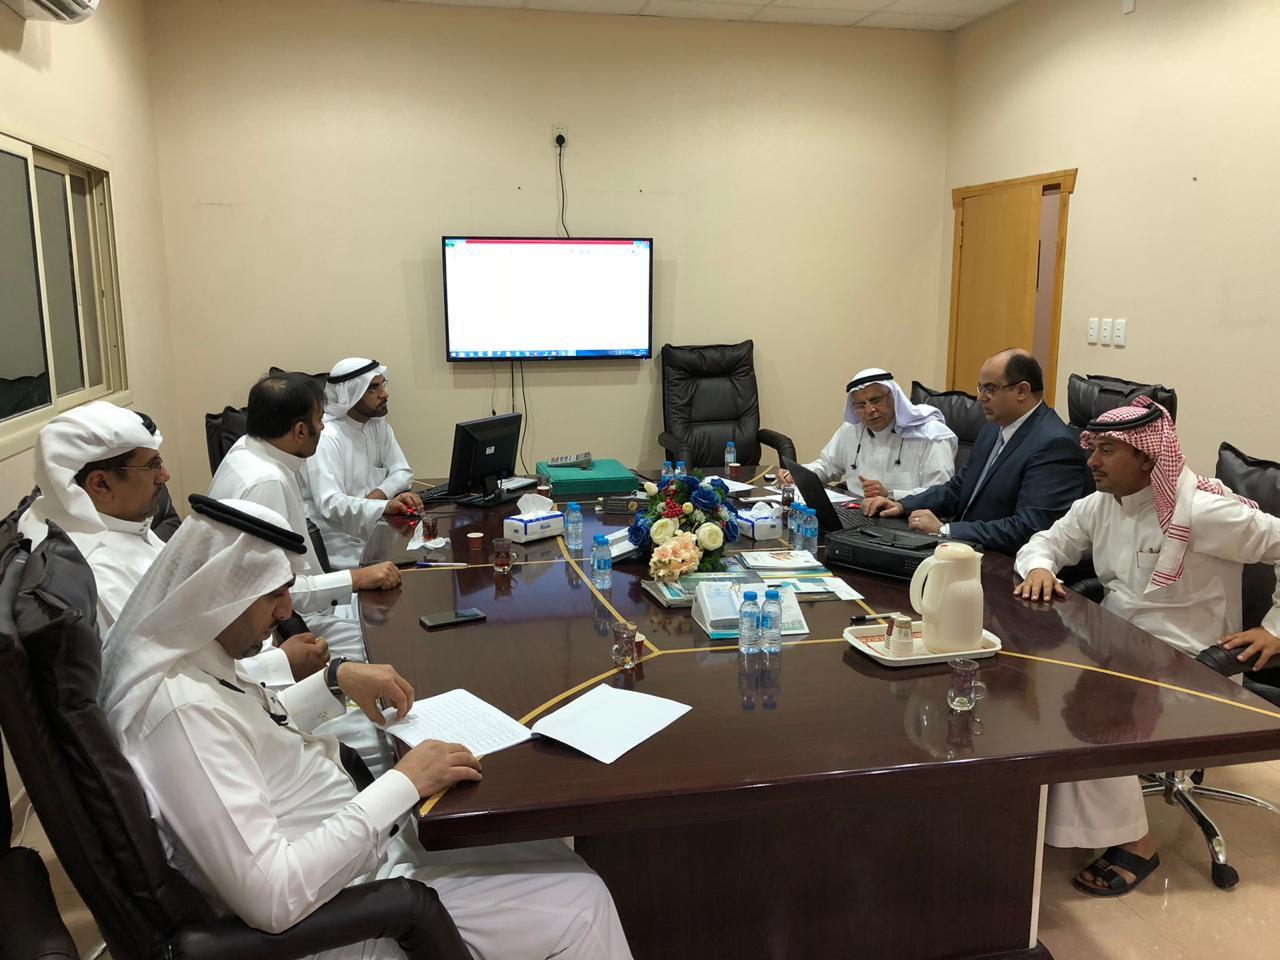 مكتب البيان للاستشارات الادارية بالرياض يتولي مشروع إعداد الخطة الإستراتيجية لجمعية المواساة بالاحساء